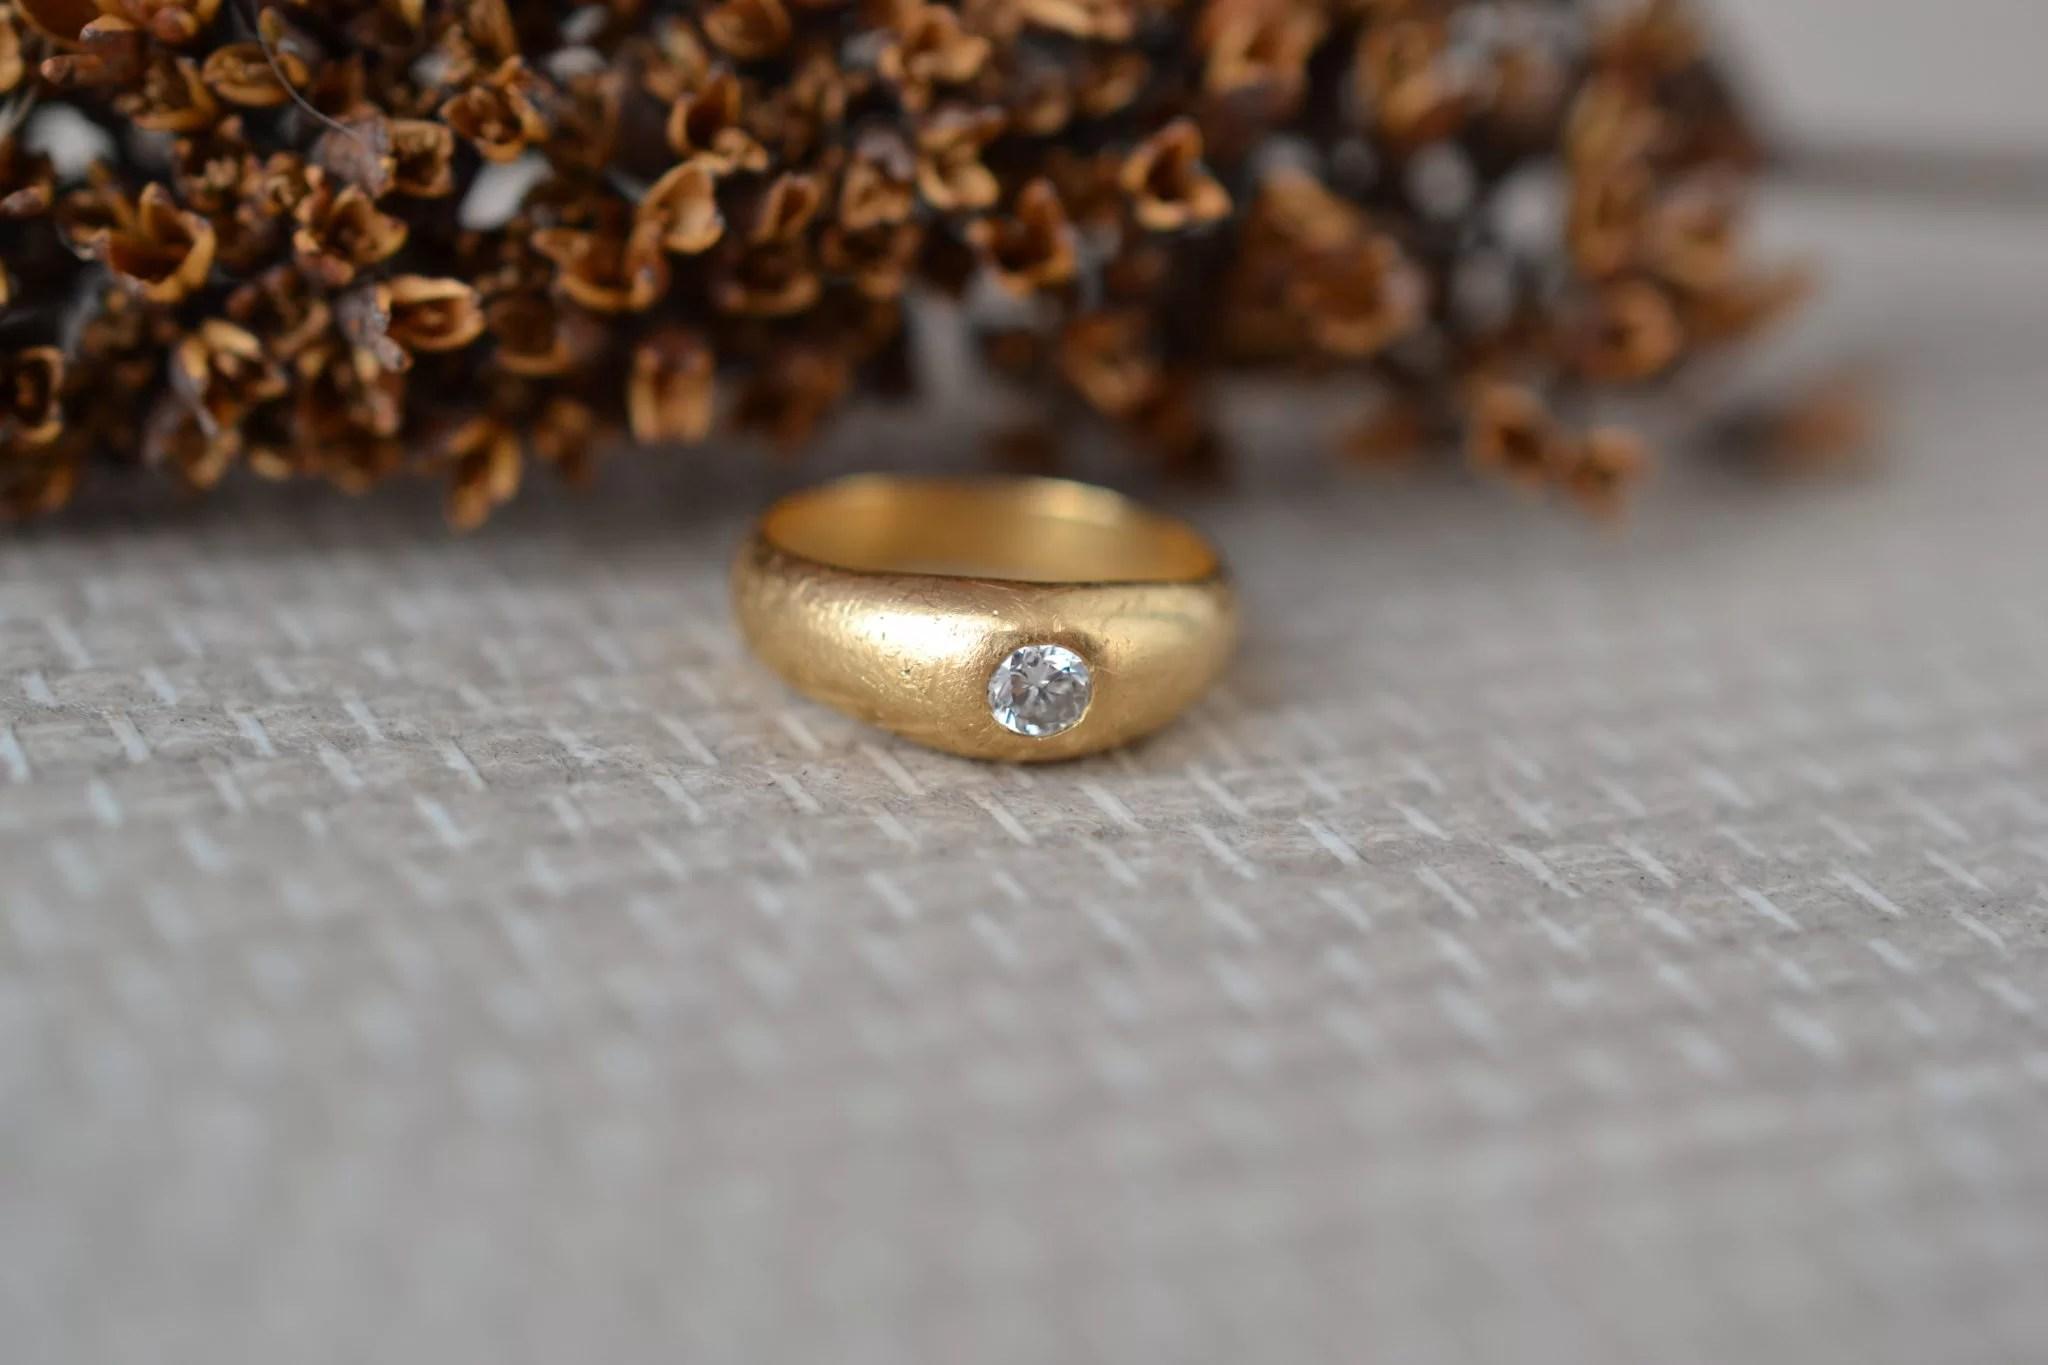 Bague en Or jaune sertie d_un diamant de taille brillant - bague éthique